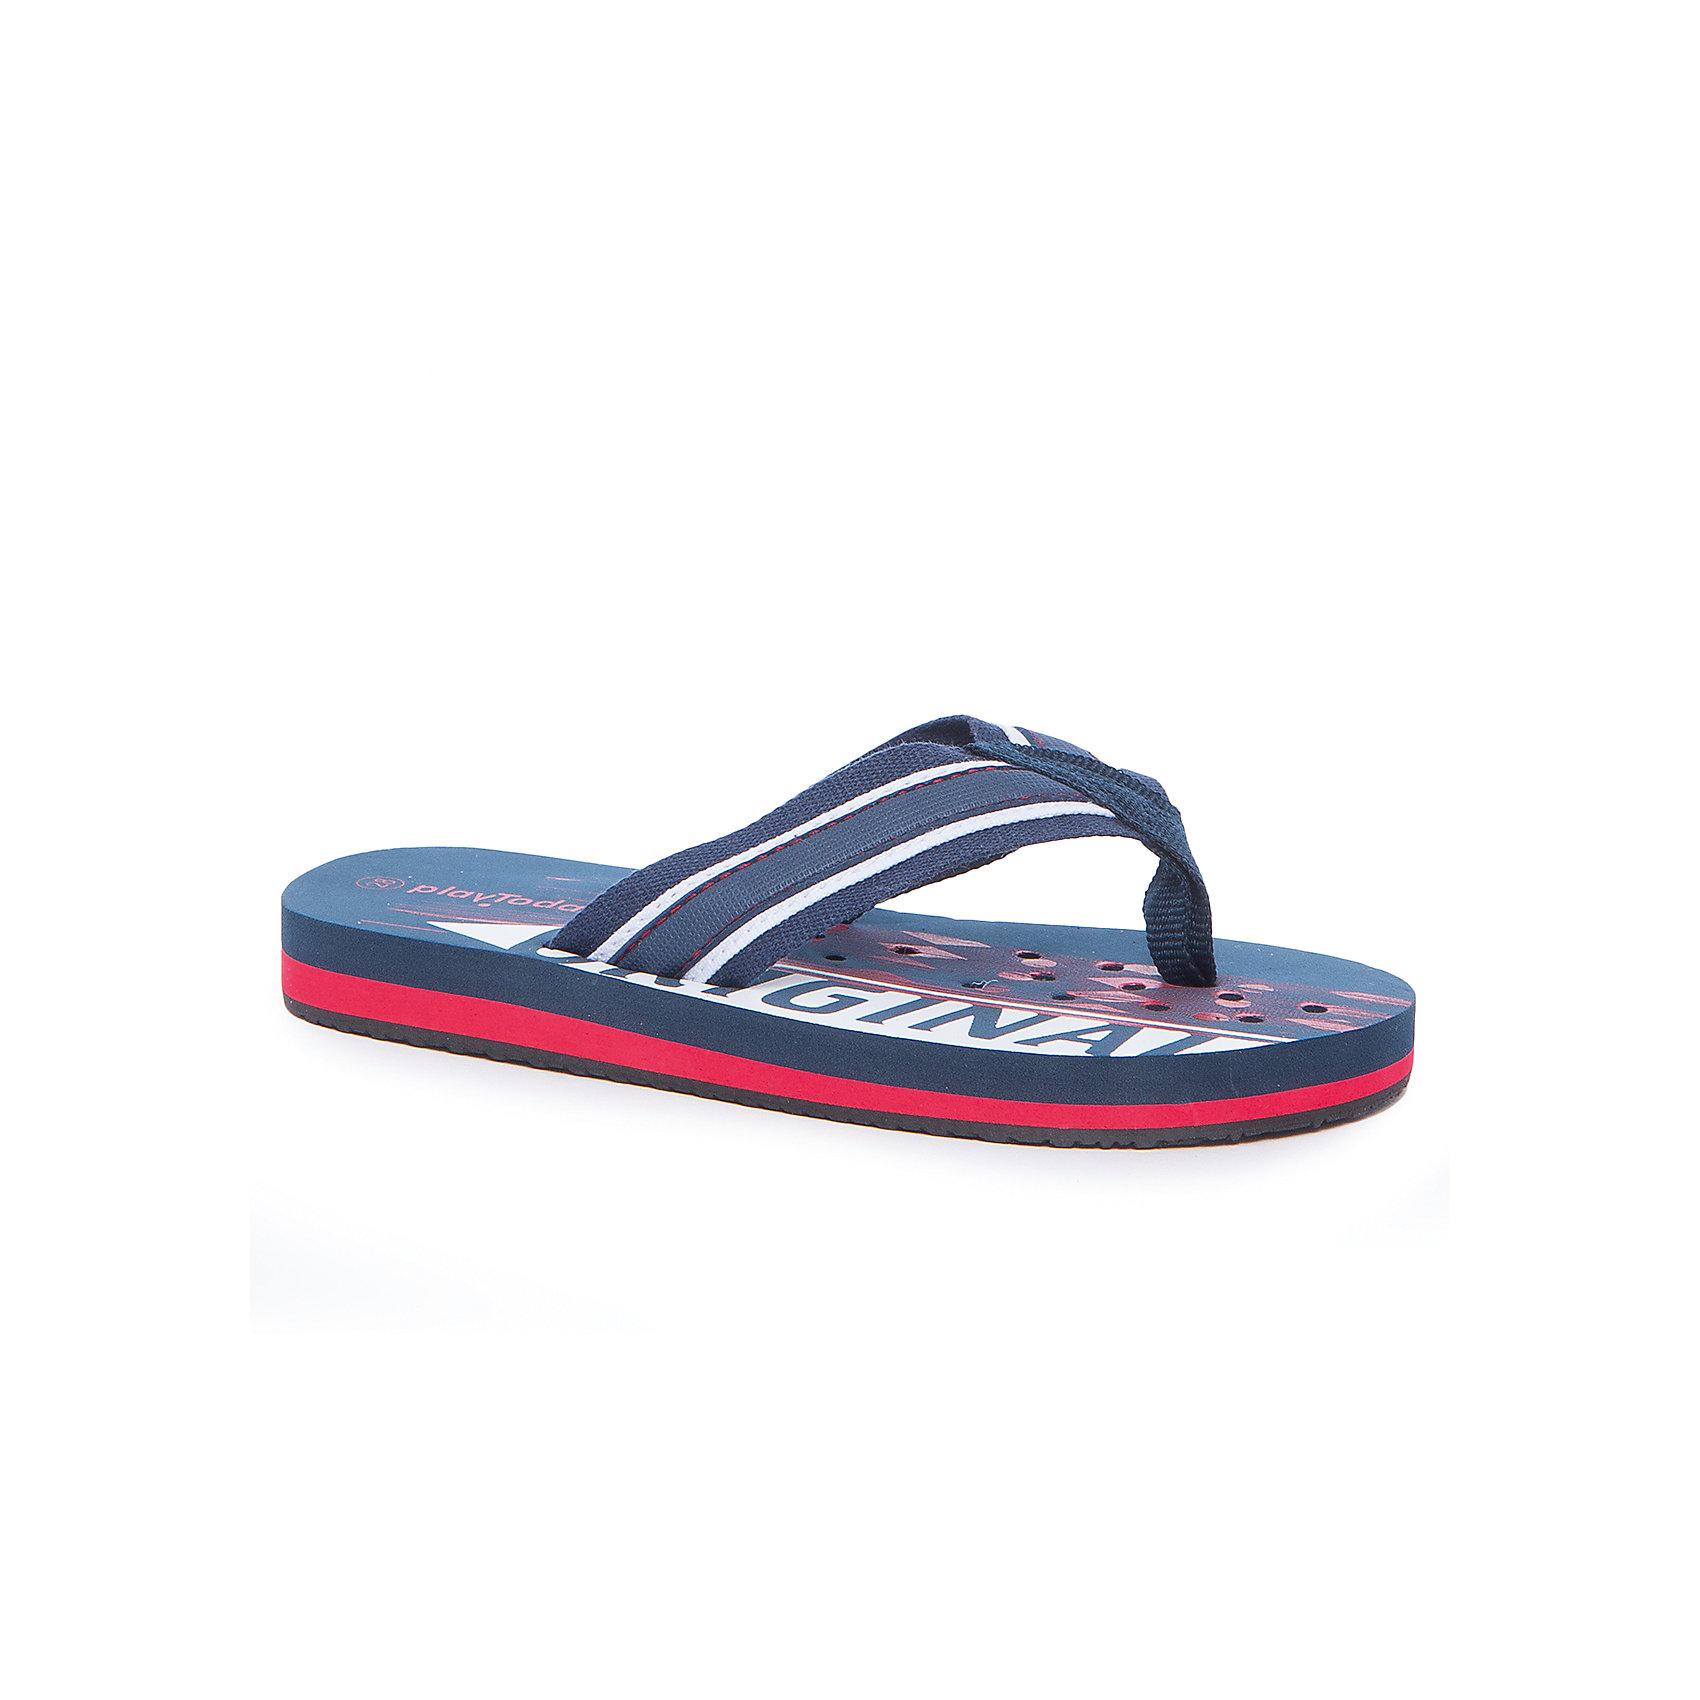 Шлепанцы для мальчика PlayTodayПляжная обувь<br>Пантолеты для мальчика PlayToday<br>Модель выполнена из мягкого водонепроницаемого материала. Контрасный рисунок подошвы выгодно отличает данное изделие. Подошва с перфорацией.<br>Состав:<br>80% хлопок, 20% полиэстер<br><br>Ширина мм: 225<br>Глубина мм: 139<br>Высота мм: 112<br>Вес г: 290<br>Цвет: разноцветный<br>Возраст от месяцев: 120<br>Возраст до месяцев: 132<br>Пол: Мужской<br>Возраст: Детский<br>Размер: 34,28,29,30,31,32,33<br>SKU: 5403507